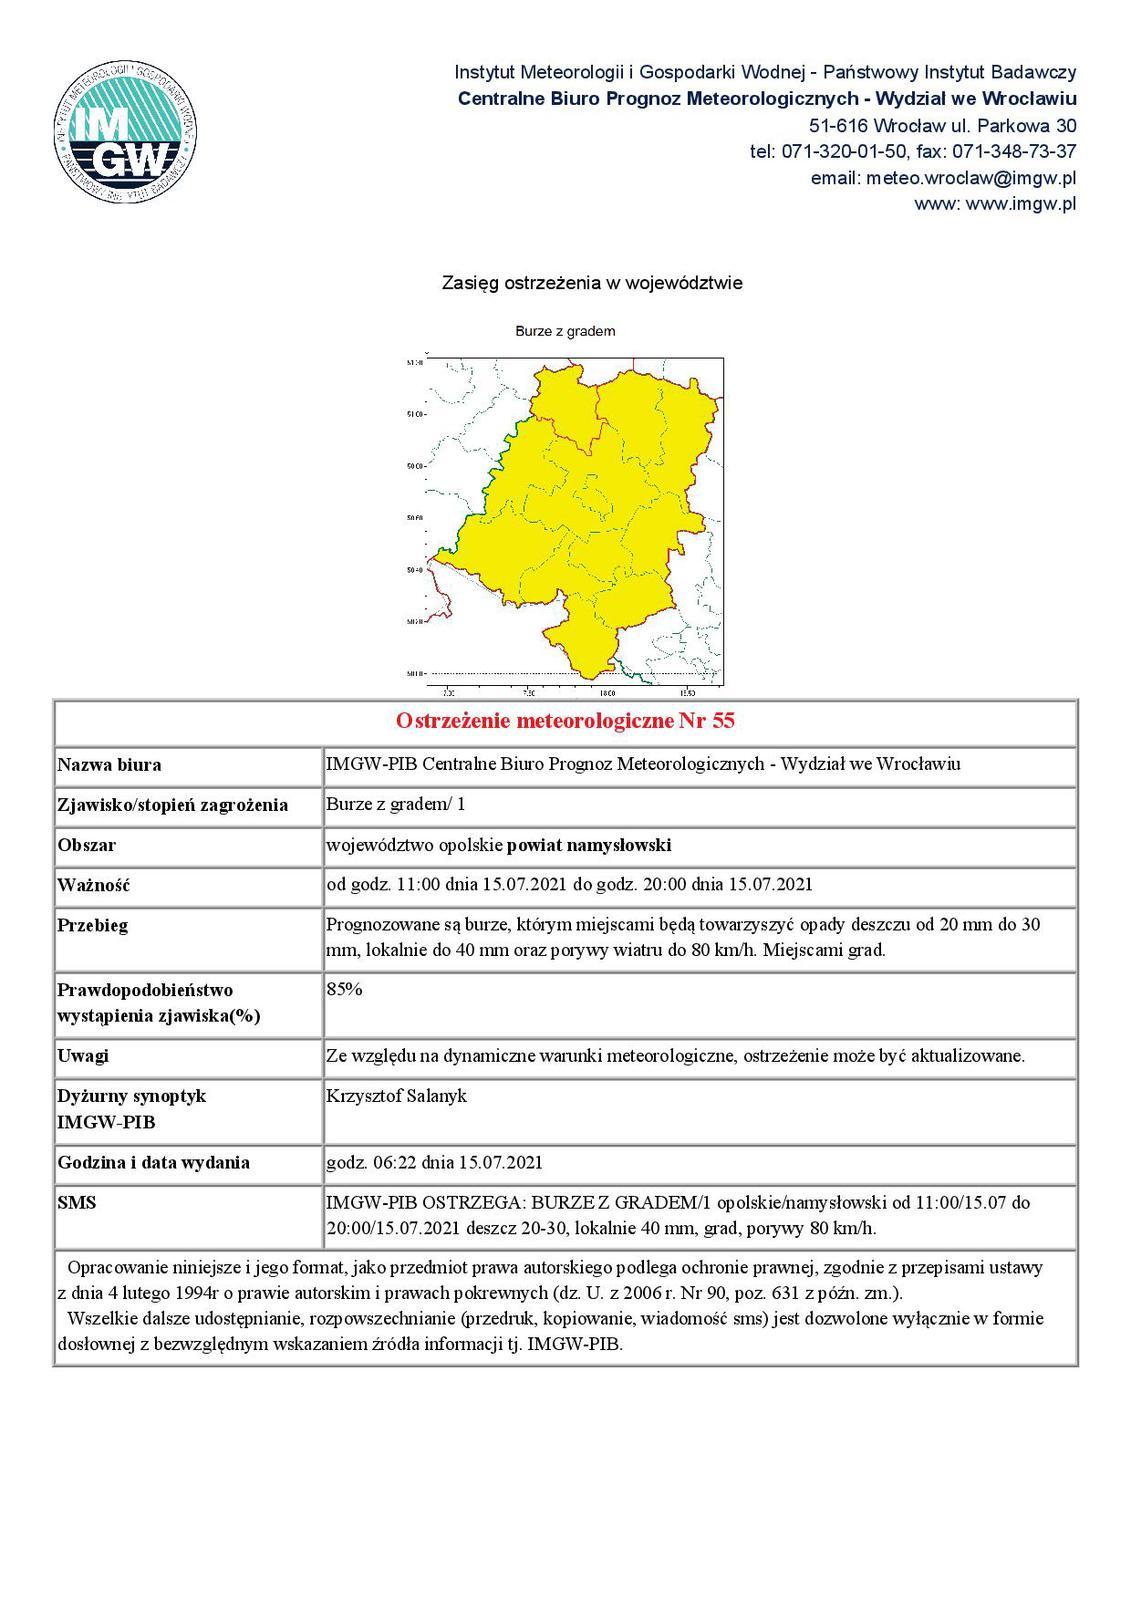 Ostrzeżenie meteorologiczne nr 55 Burze z Gradem.jpeg